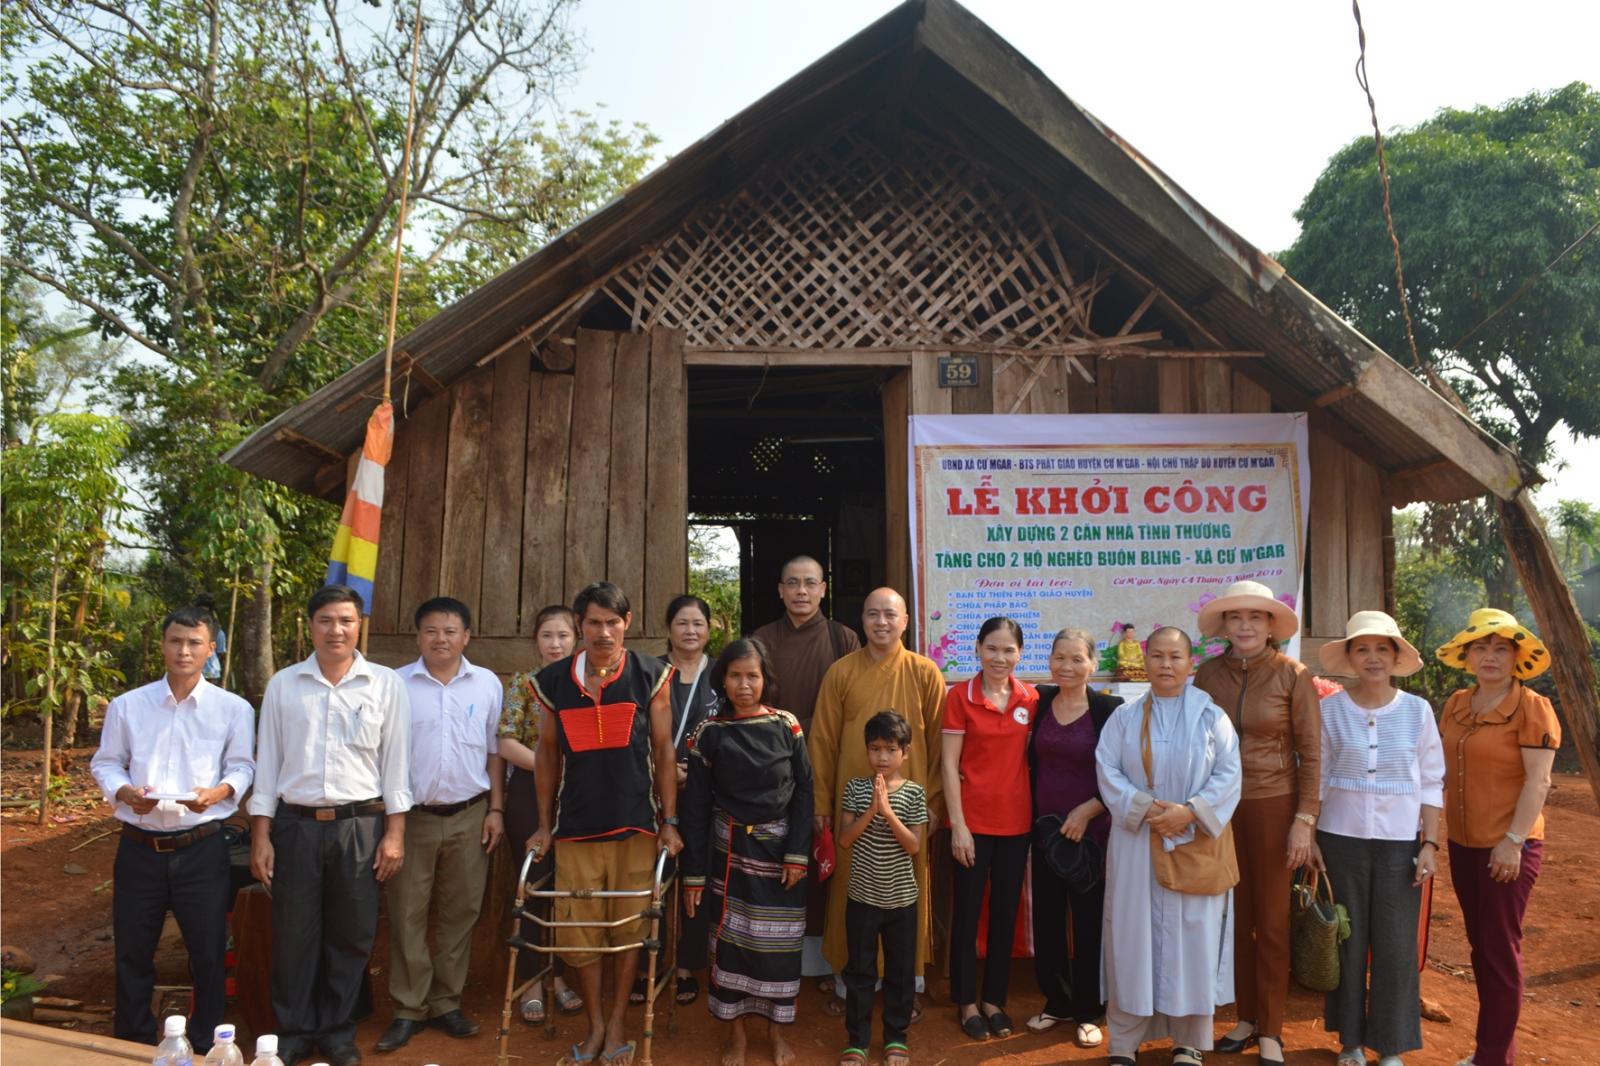 Lễ khởi công xây dựng 2 căn nhà tình thương tại buôn Bling, xã CưMgar